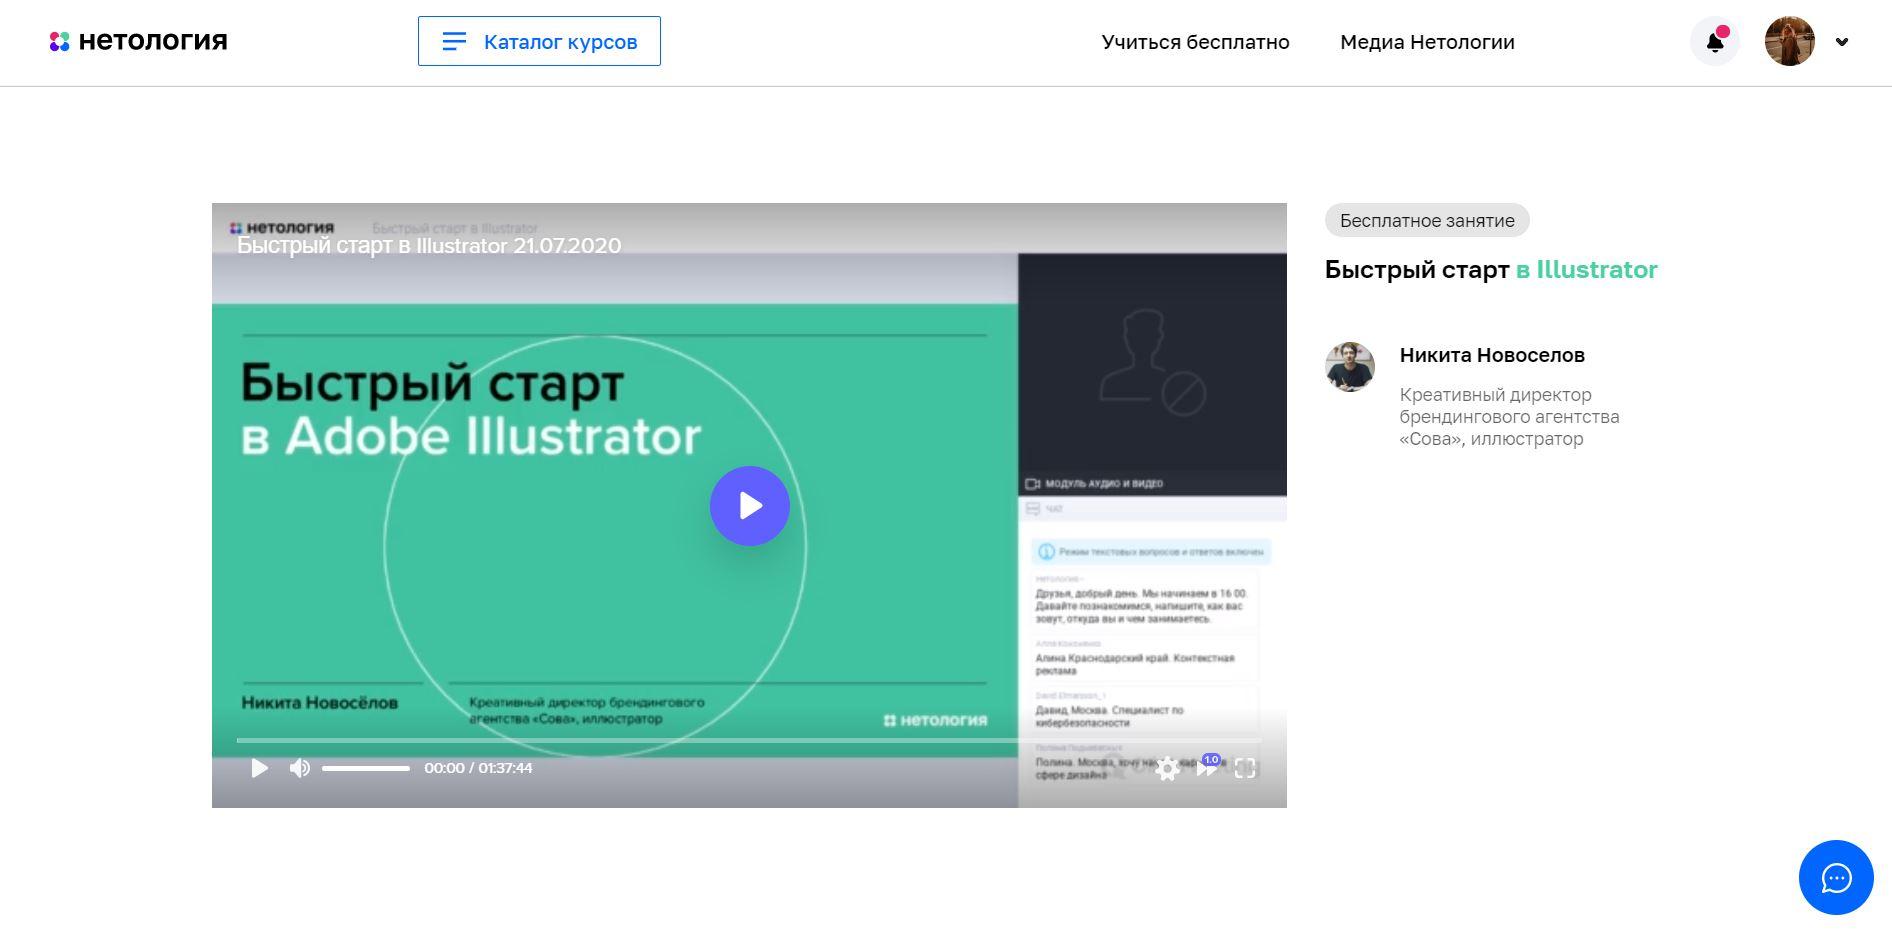 бесплатный урок графический дизайнер